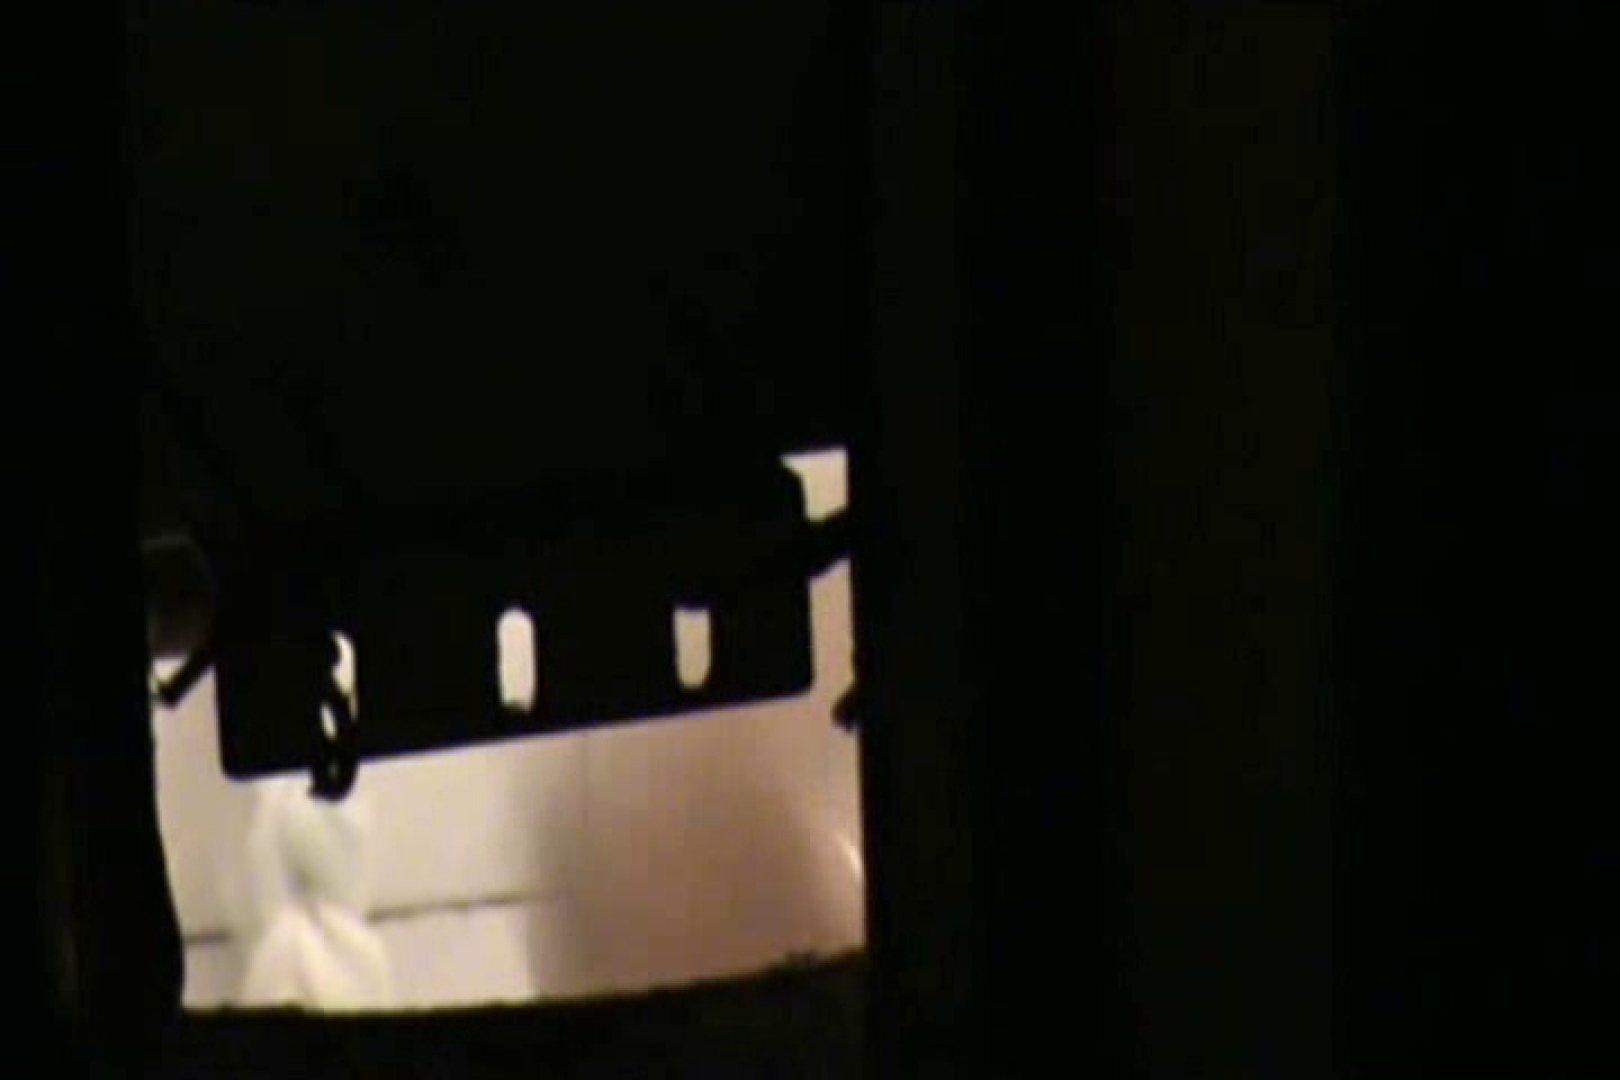 ぼっとん洗面所スペシャルVol.3 高画質 | 洗面所  92pic 25